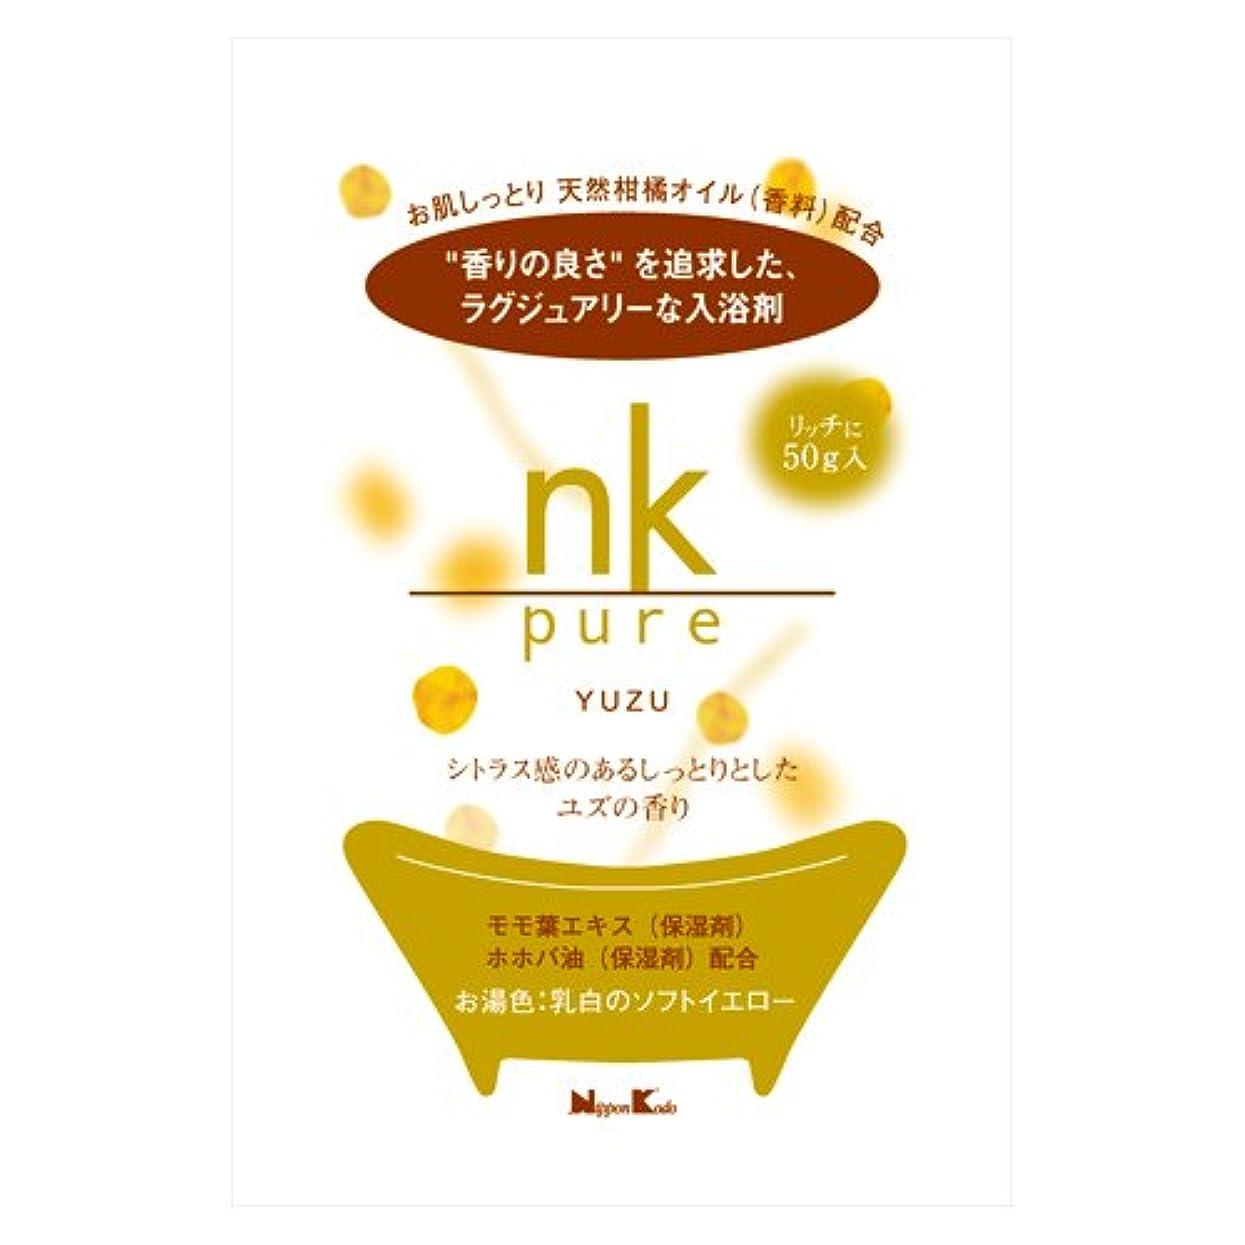 困惑する出発する怠感【X10個セット】 nk pure 入浴剤 ユズ 50g